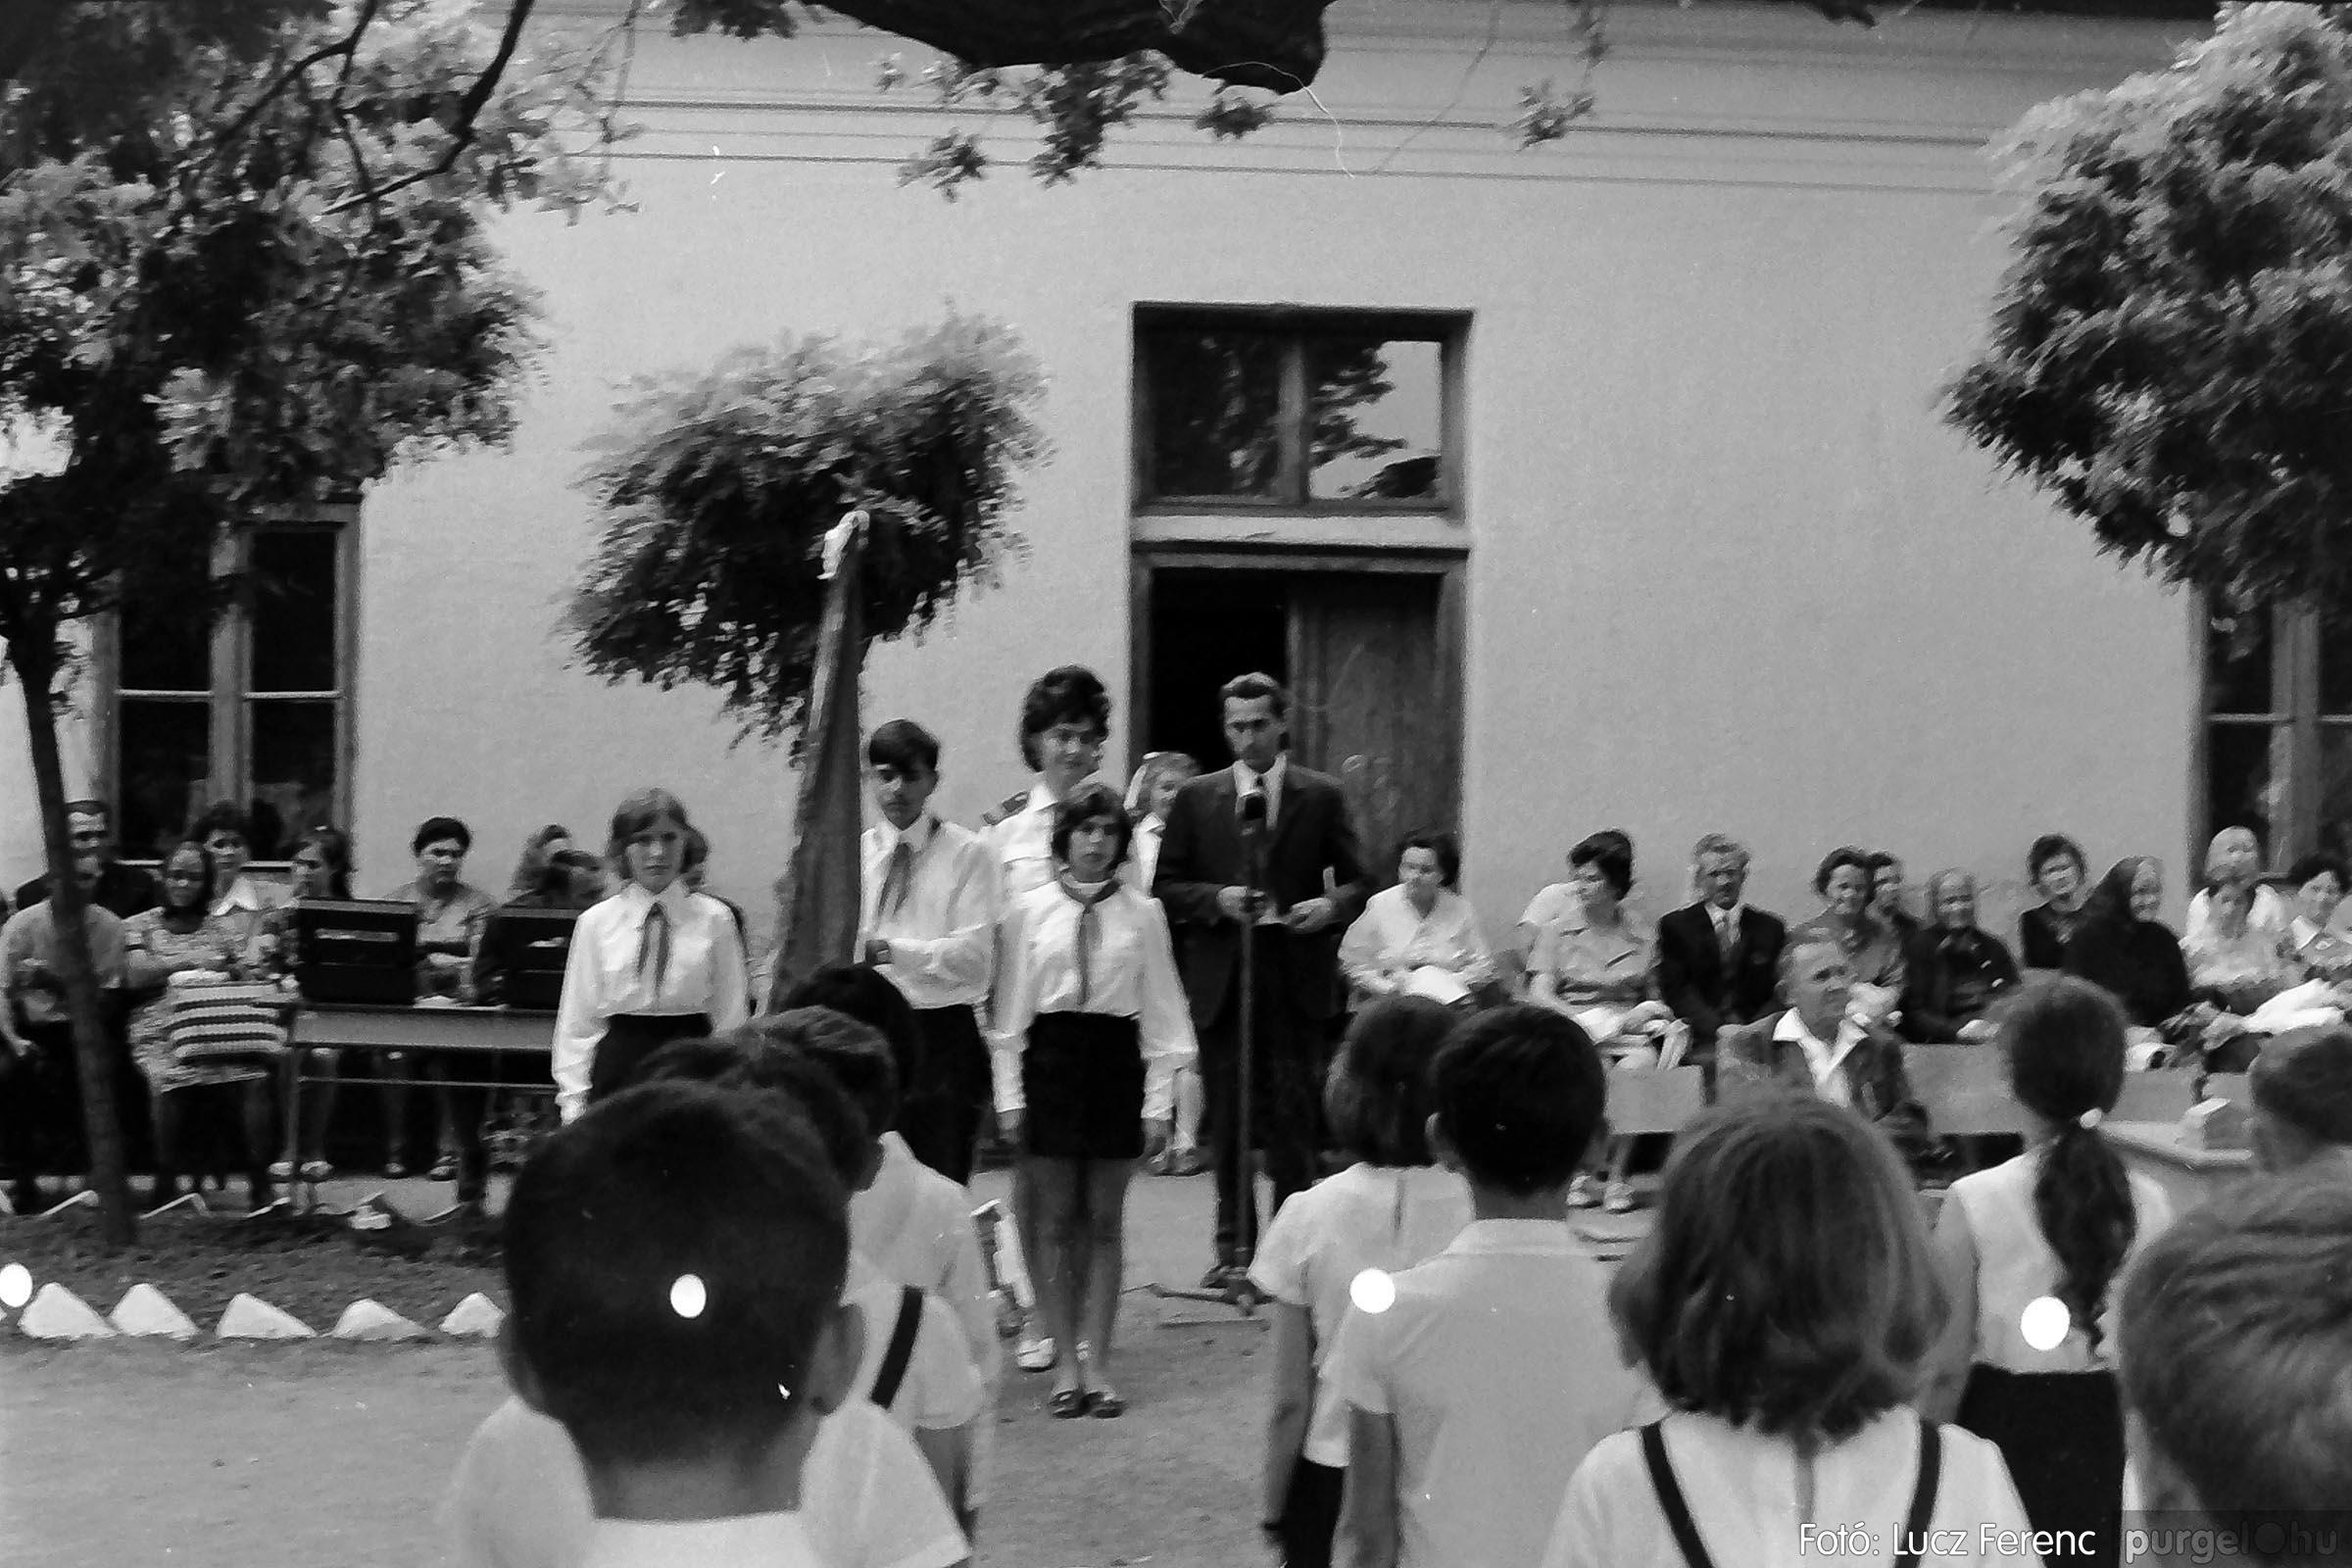 001 1972.05.27. Ballagás a szegvári iskolában 018 - Fotó: Lucz Ferenc - IMG01075q.jpg